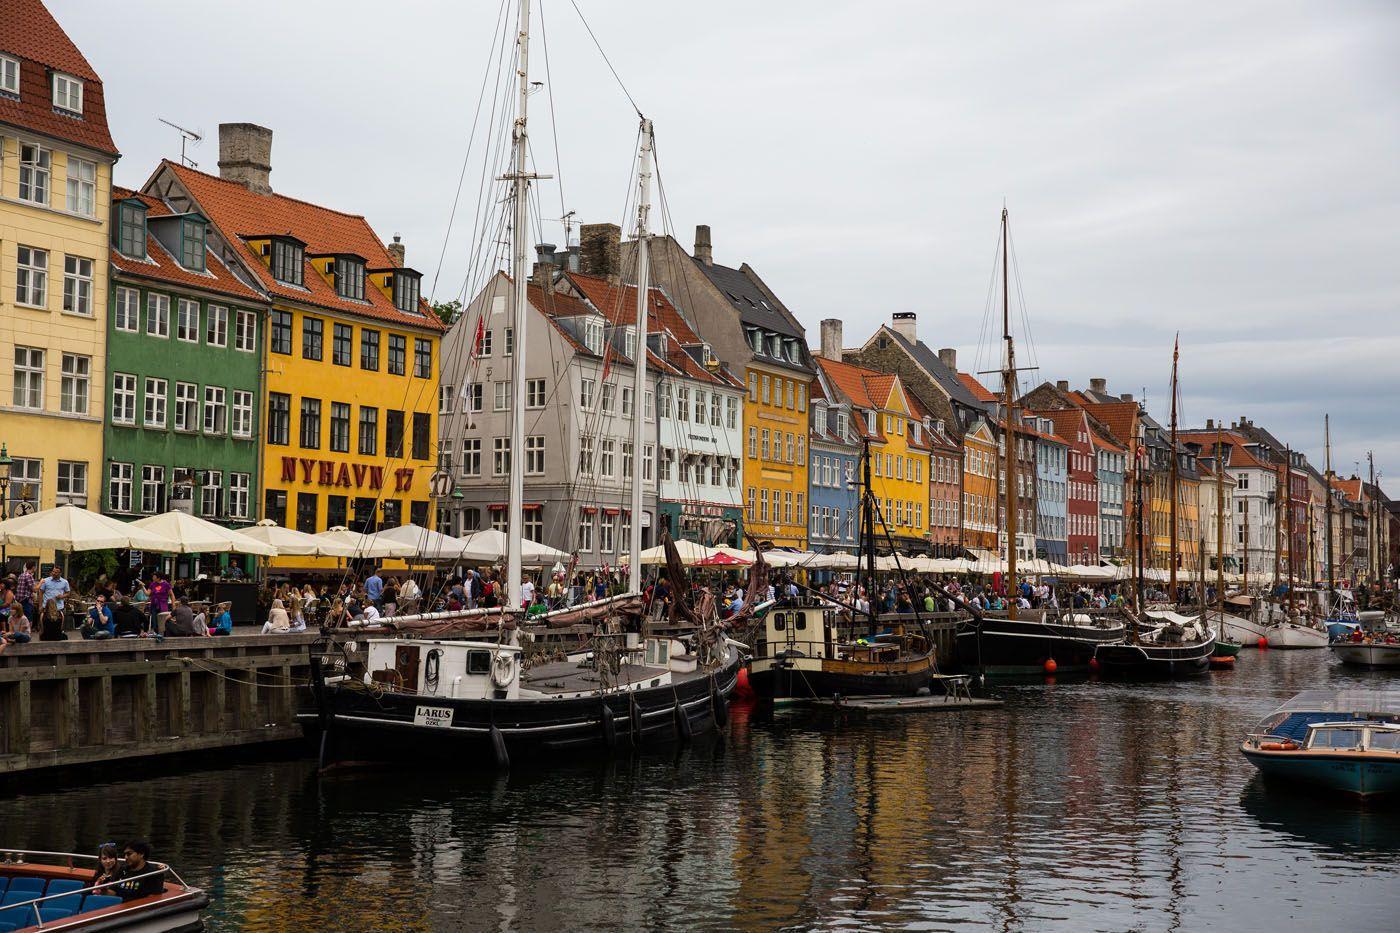 Nyhavn Copenhagen Cloudy Day